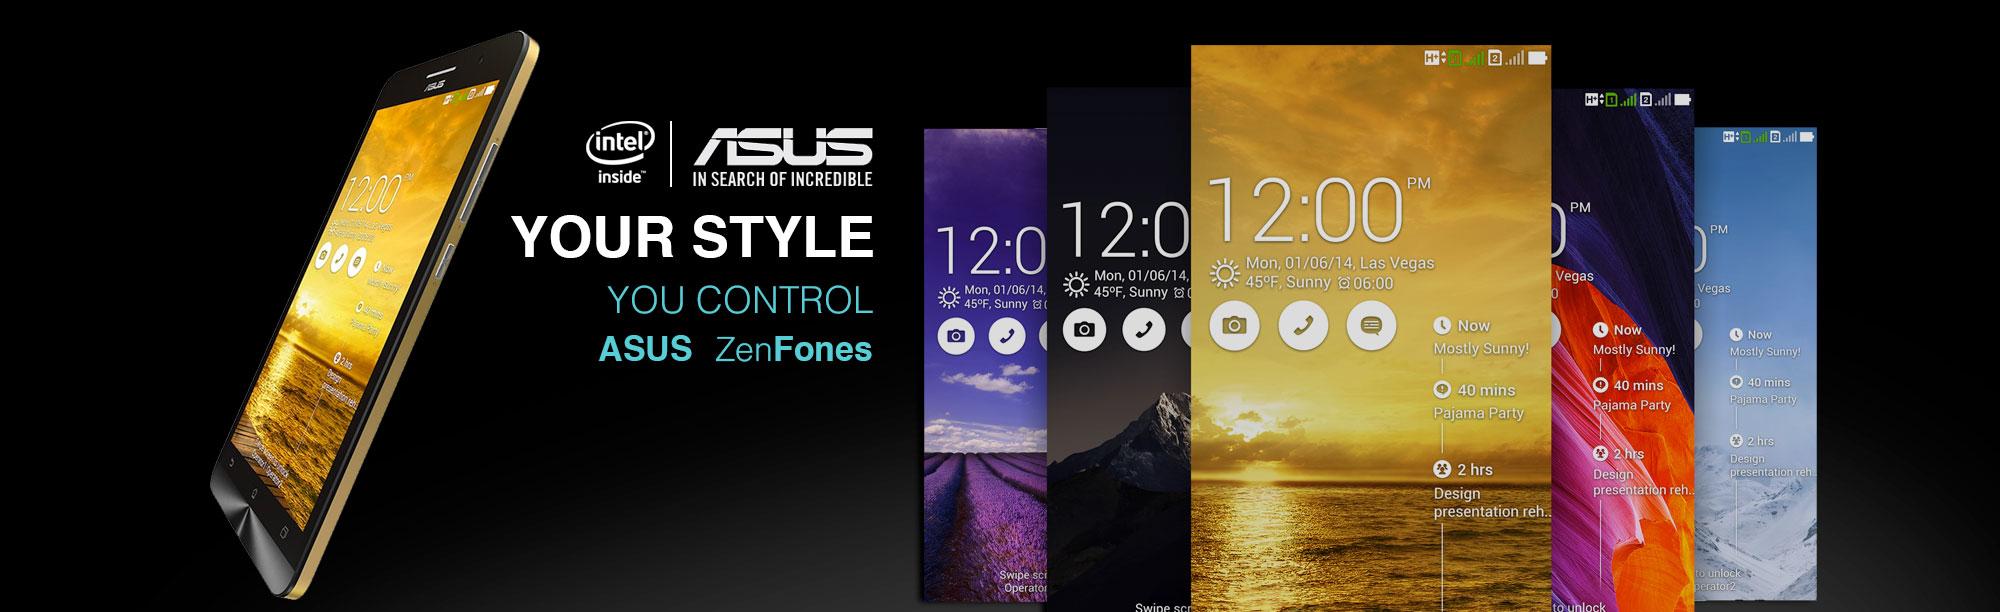 Asus Zen Phone